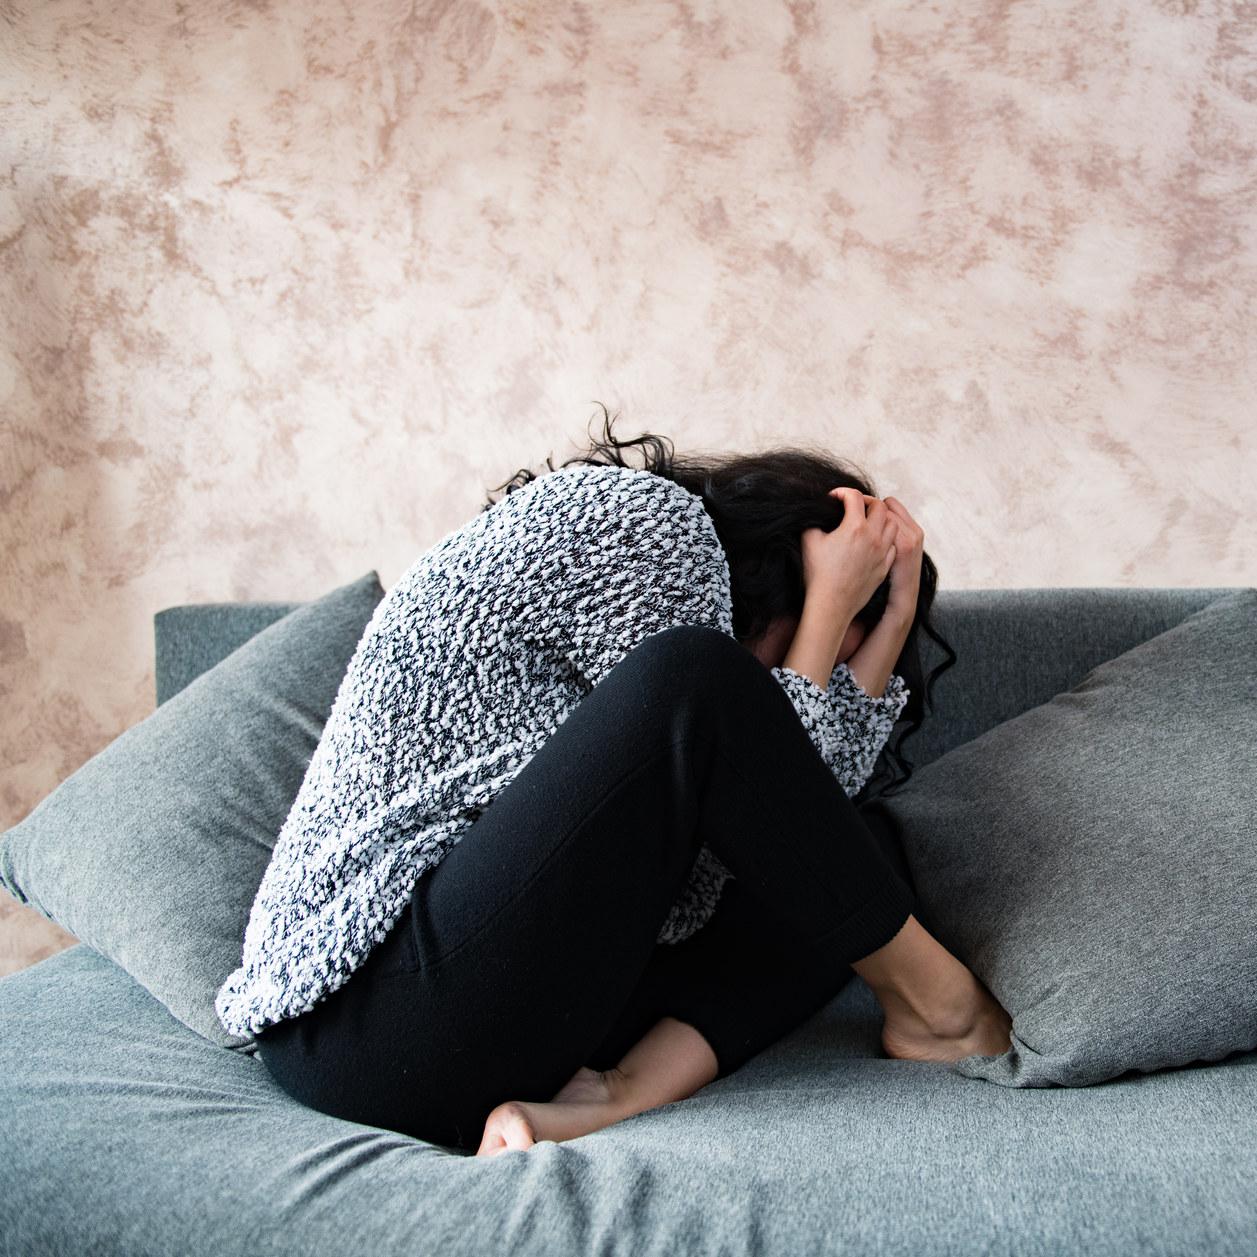 Lyon : une jeune femme de 22 ans battue à mort, son compagnon est introuvable